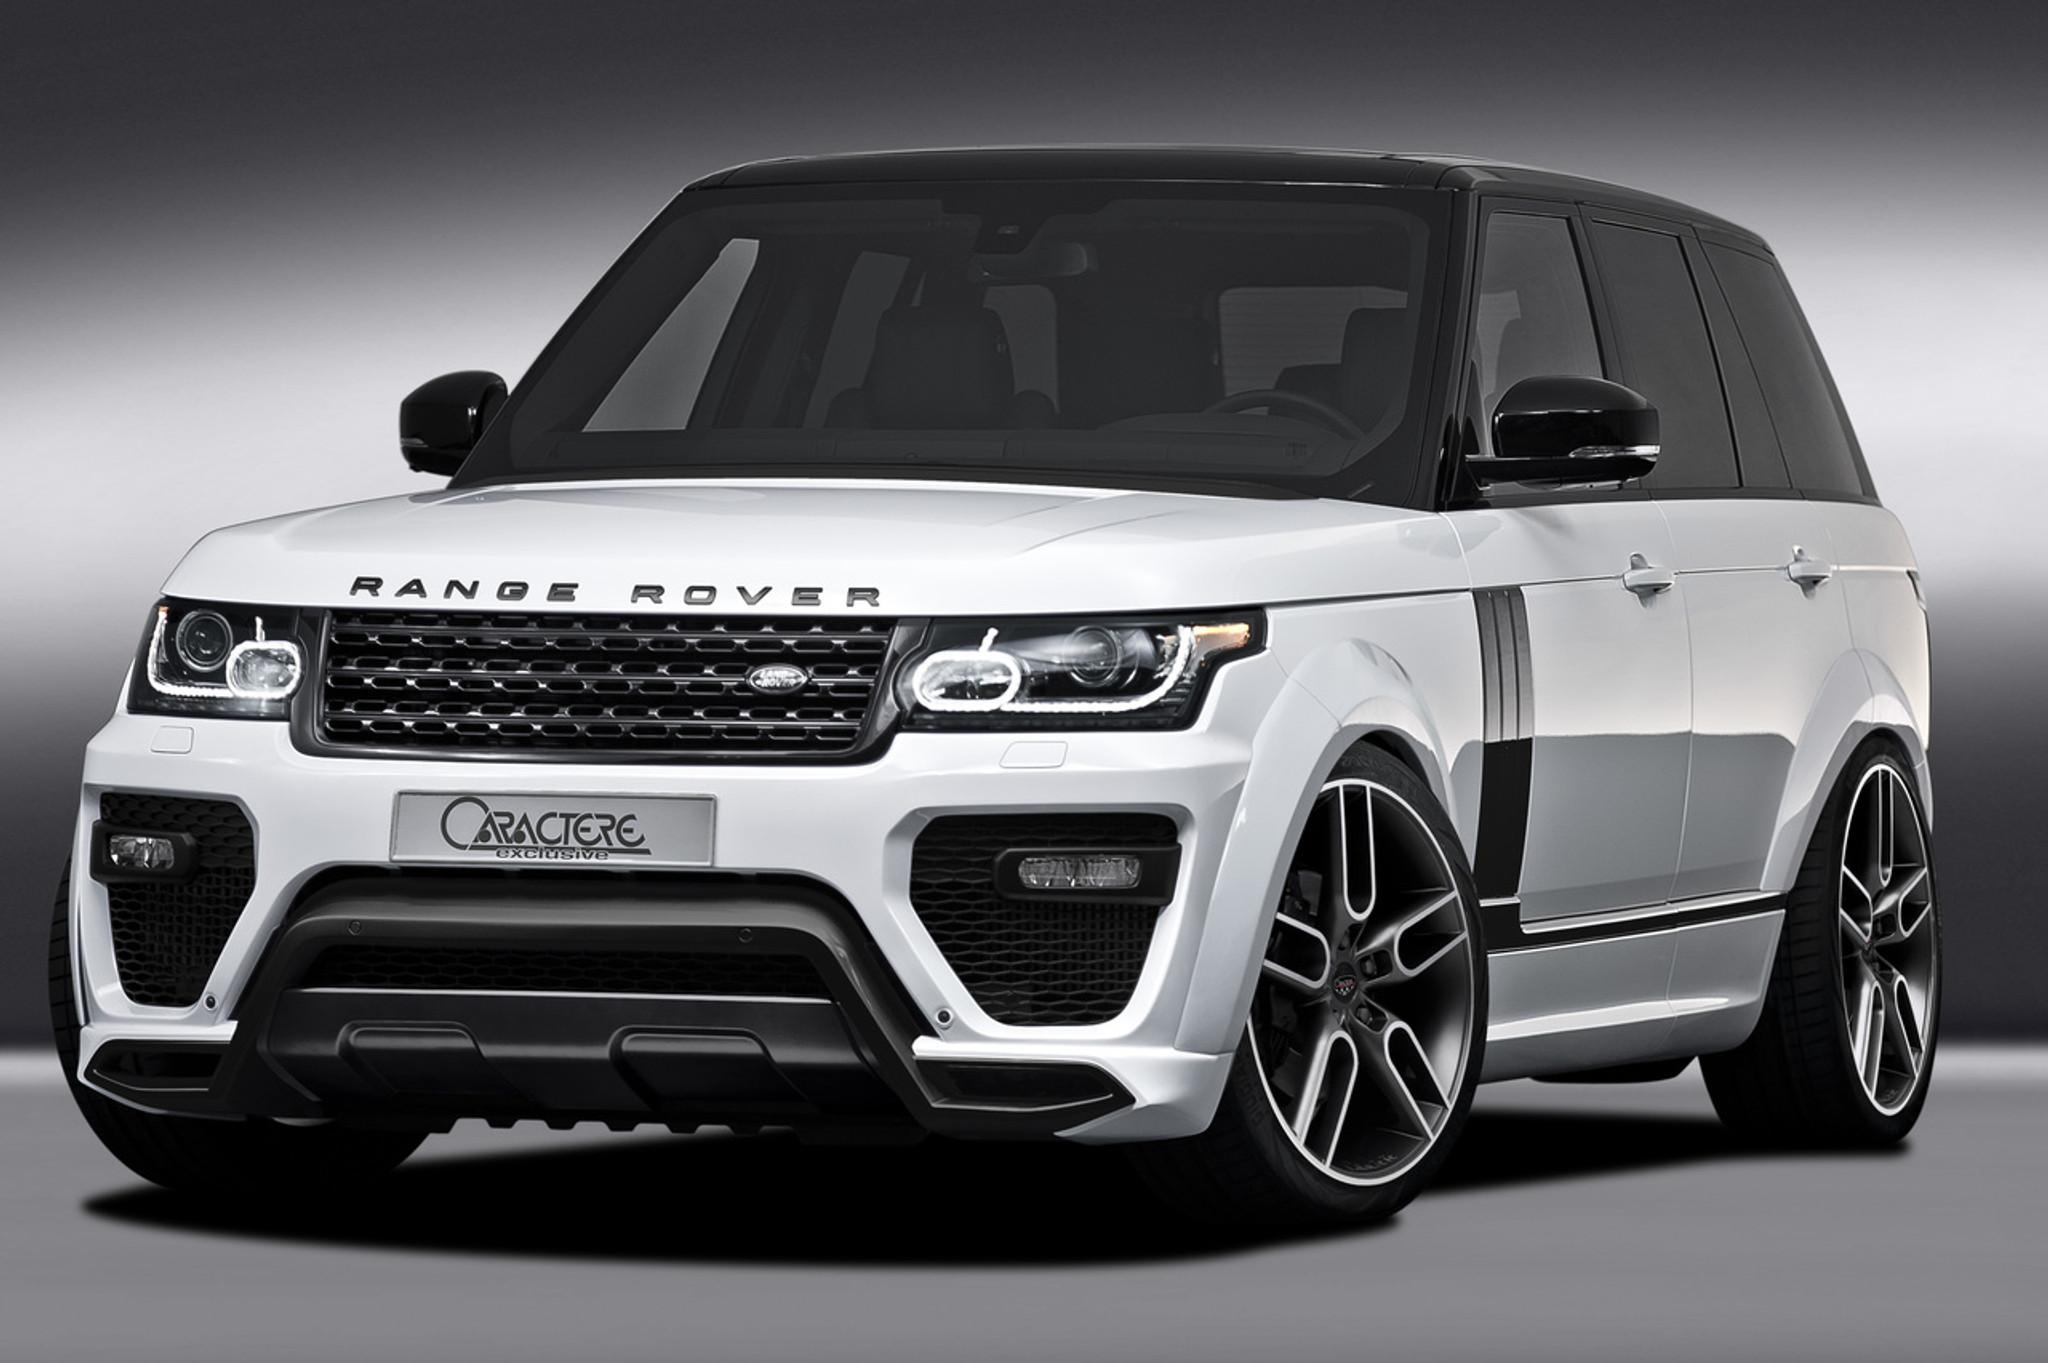 Range Rover L405 Caractere Body Kit Meduza Design Ltd